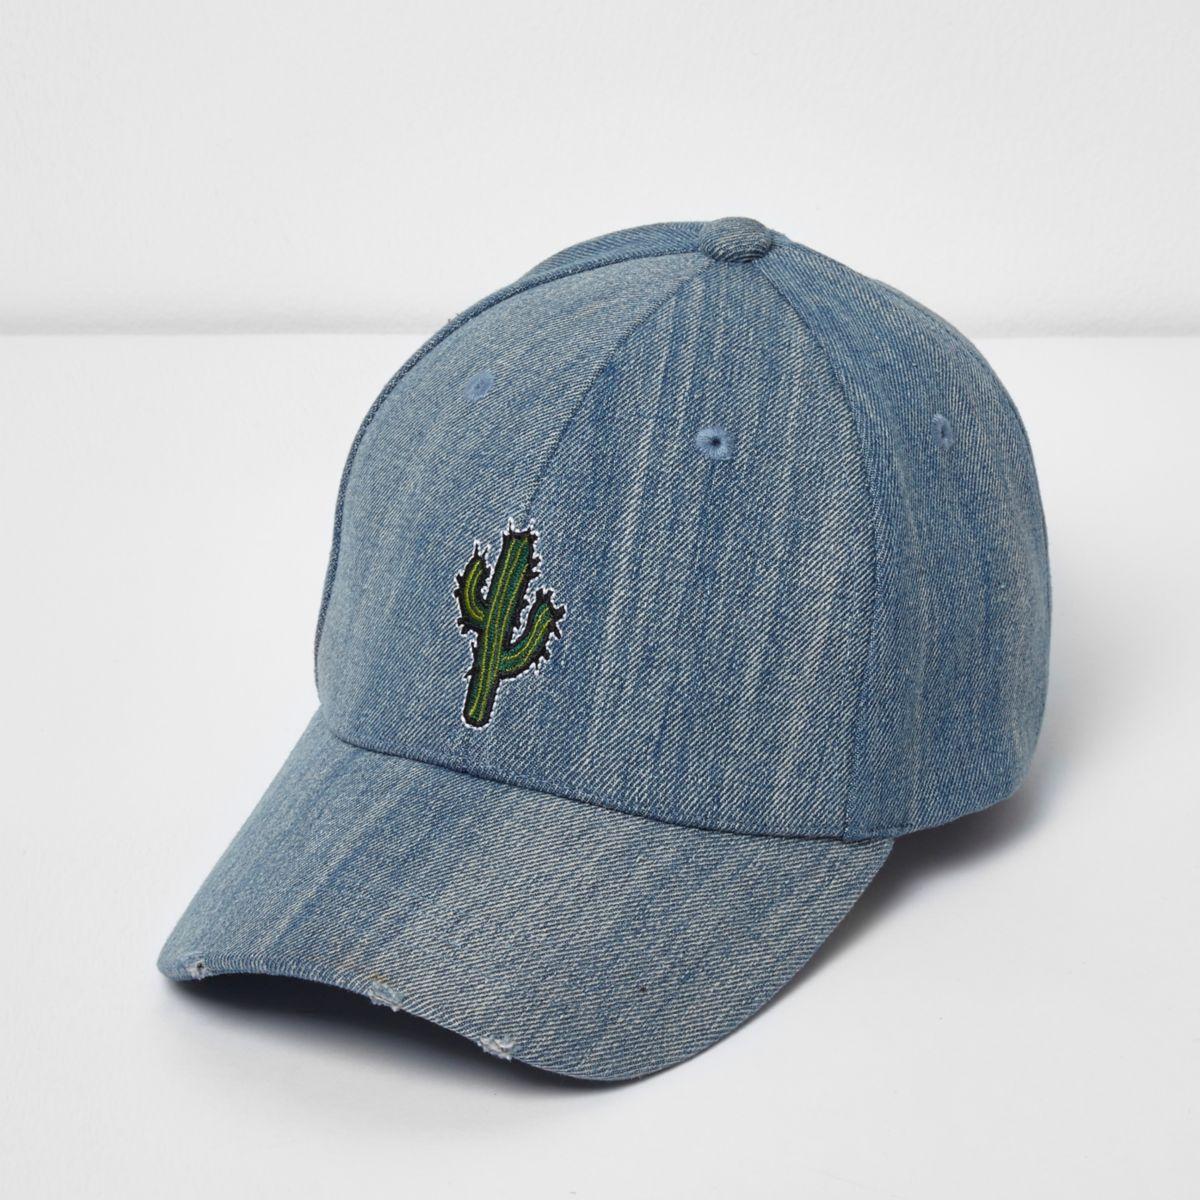 Blue wash denim cactus print cap